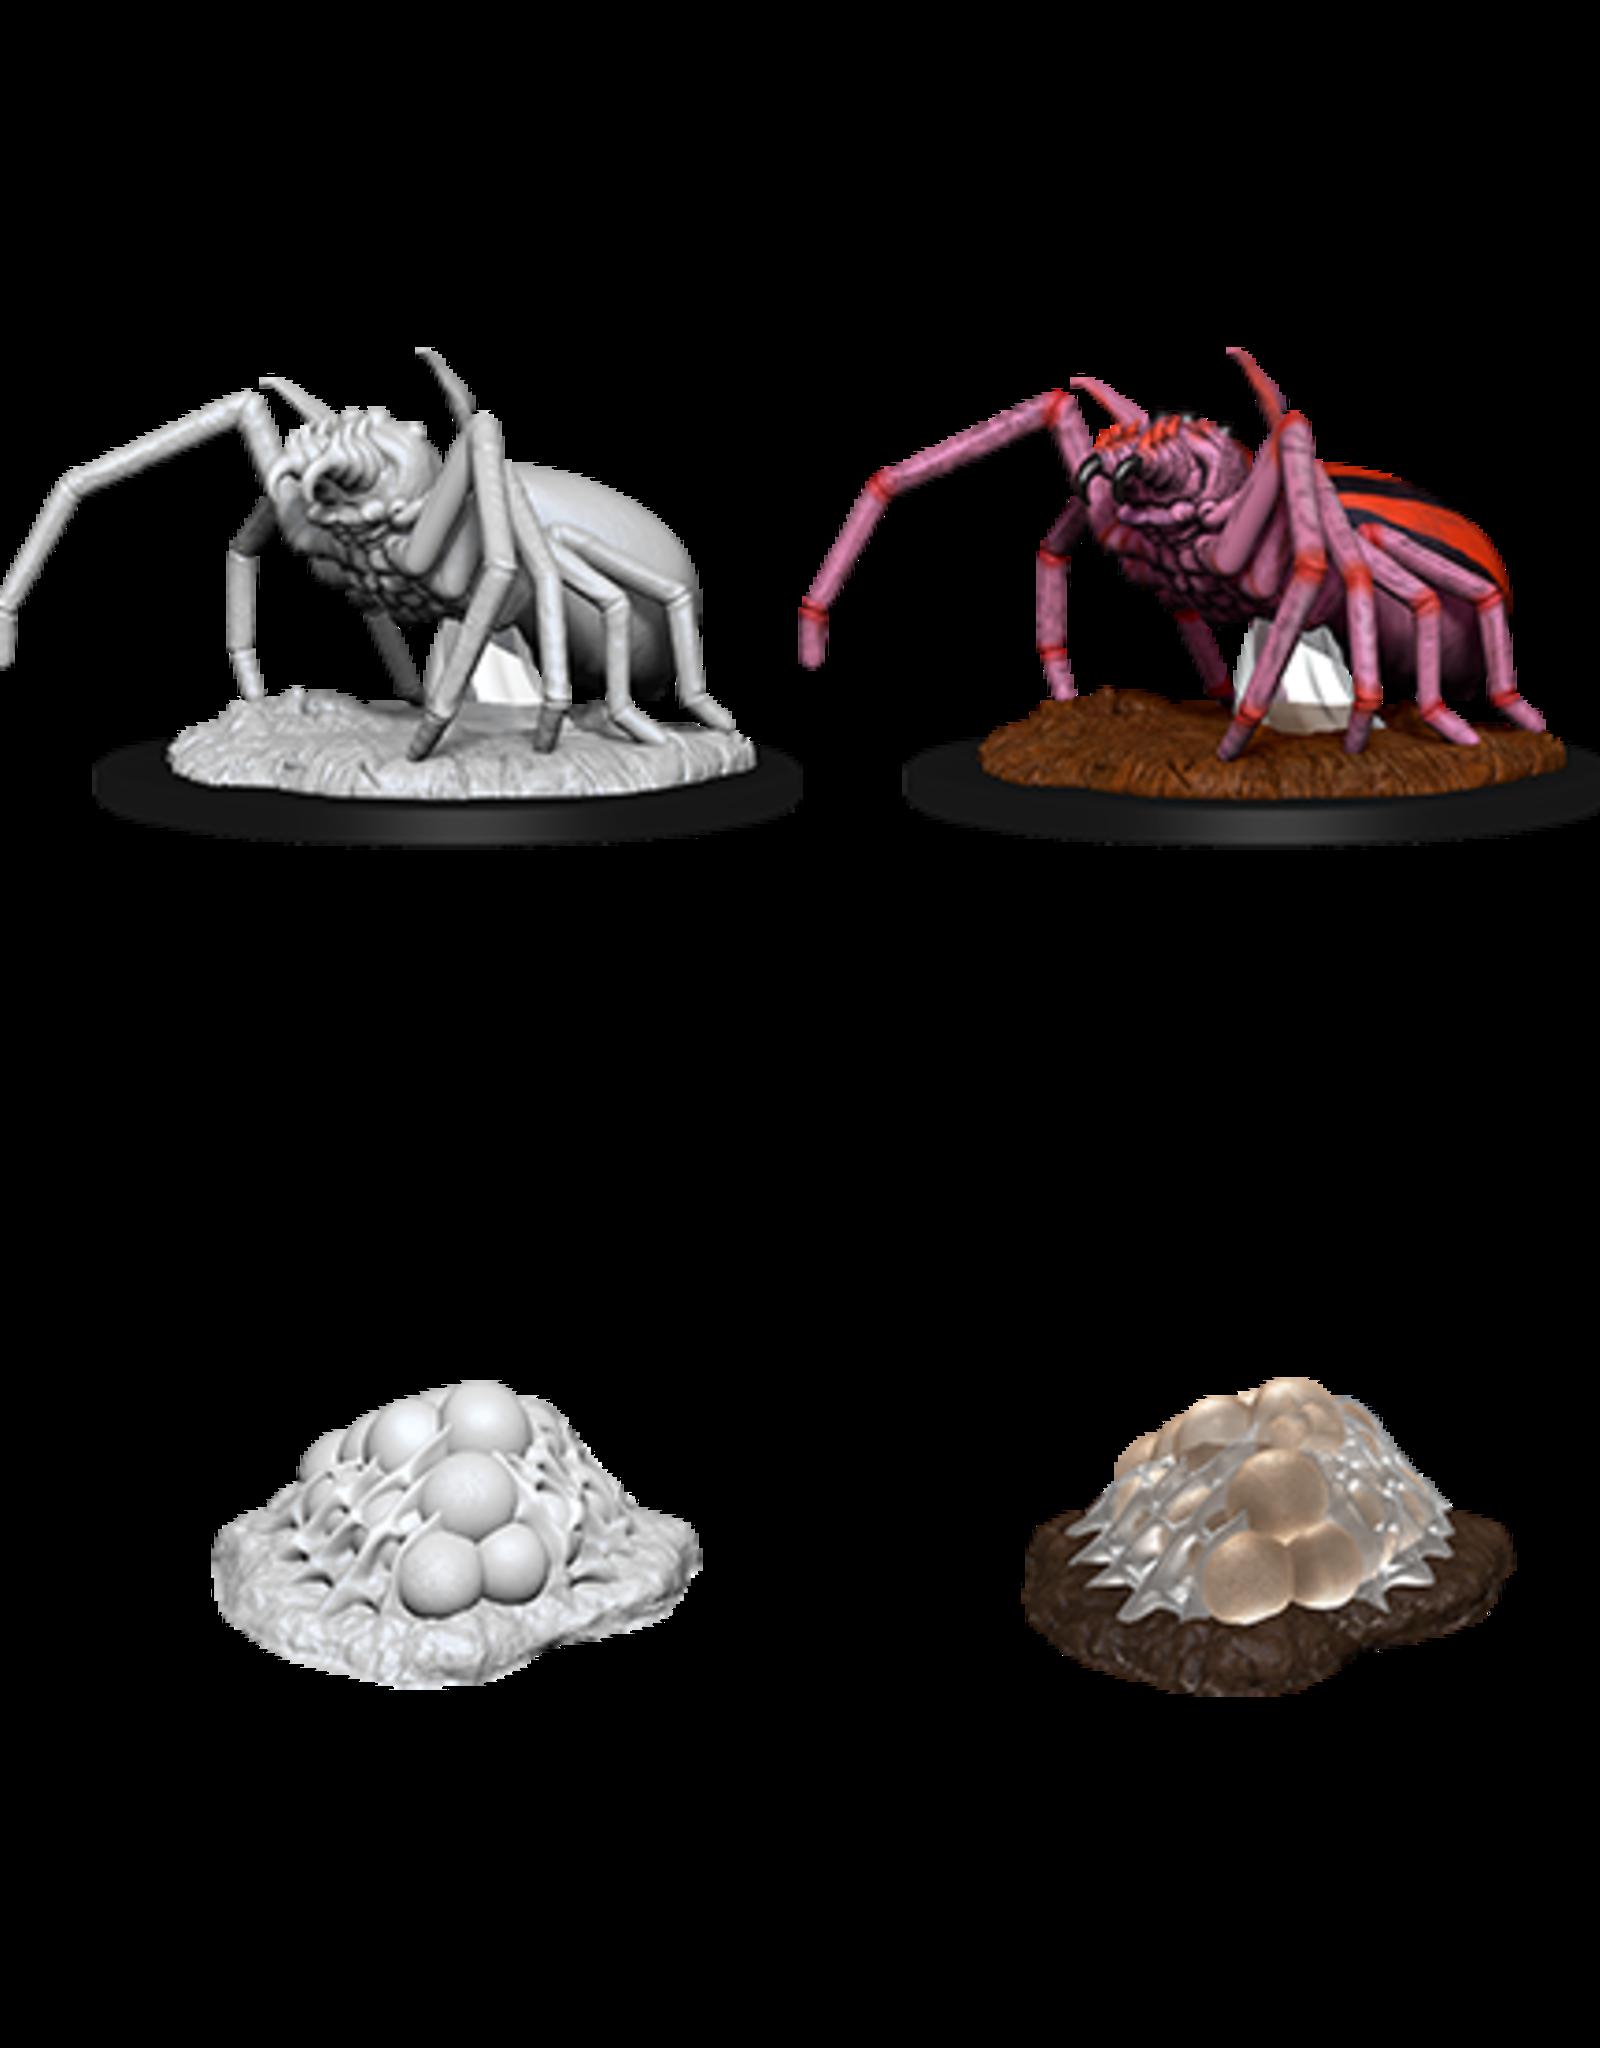 Nolzur's Marvelous Miniatures D&D D&D NMU - Giant Spider & Egg Clutch (W12)